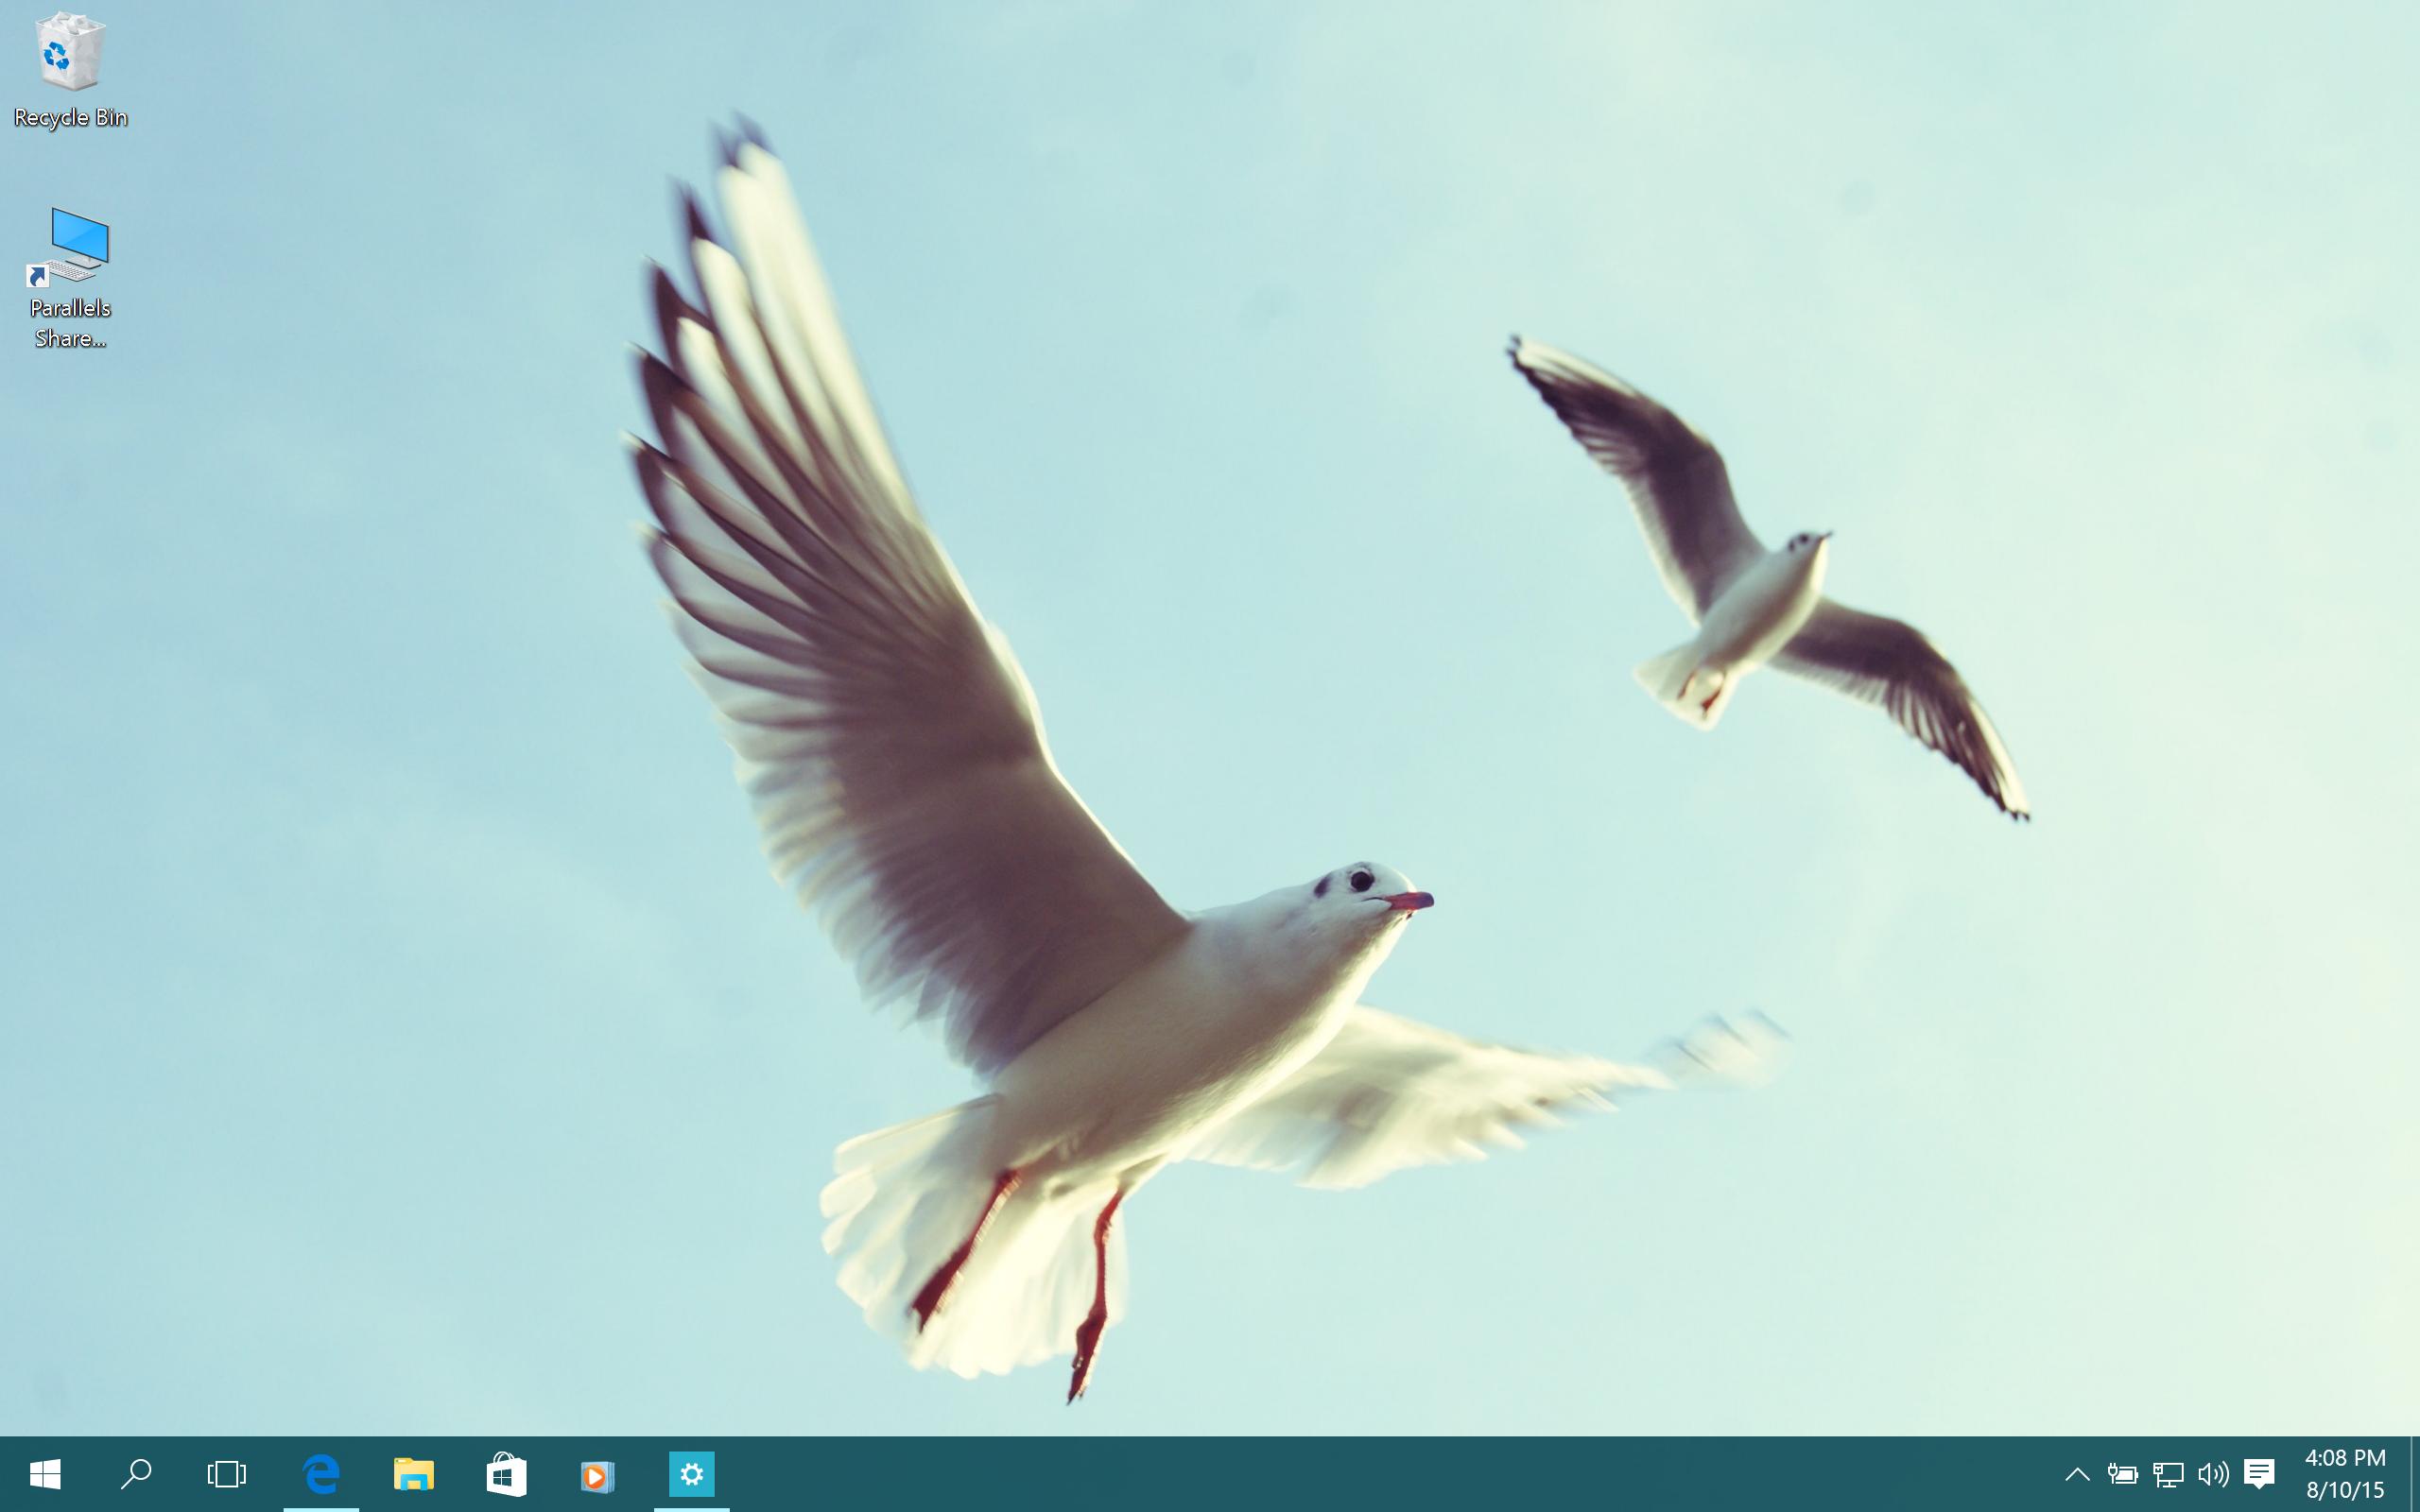 Screen Shot 2015-08-10 at 4.08.15 PM.png